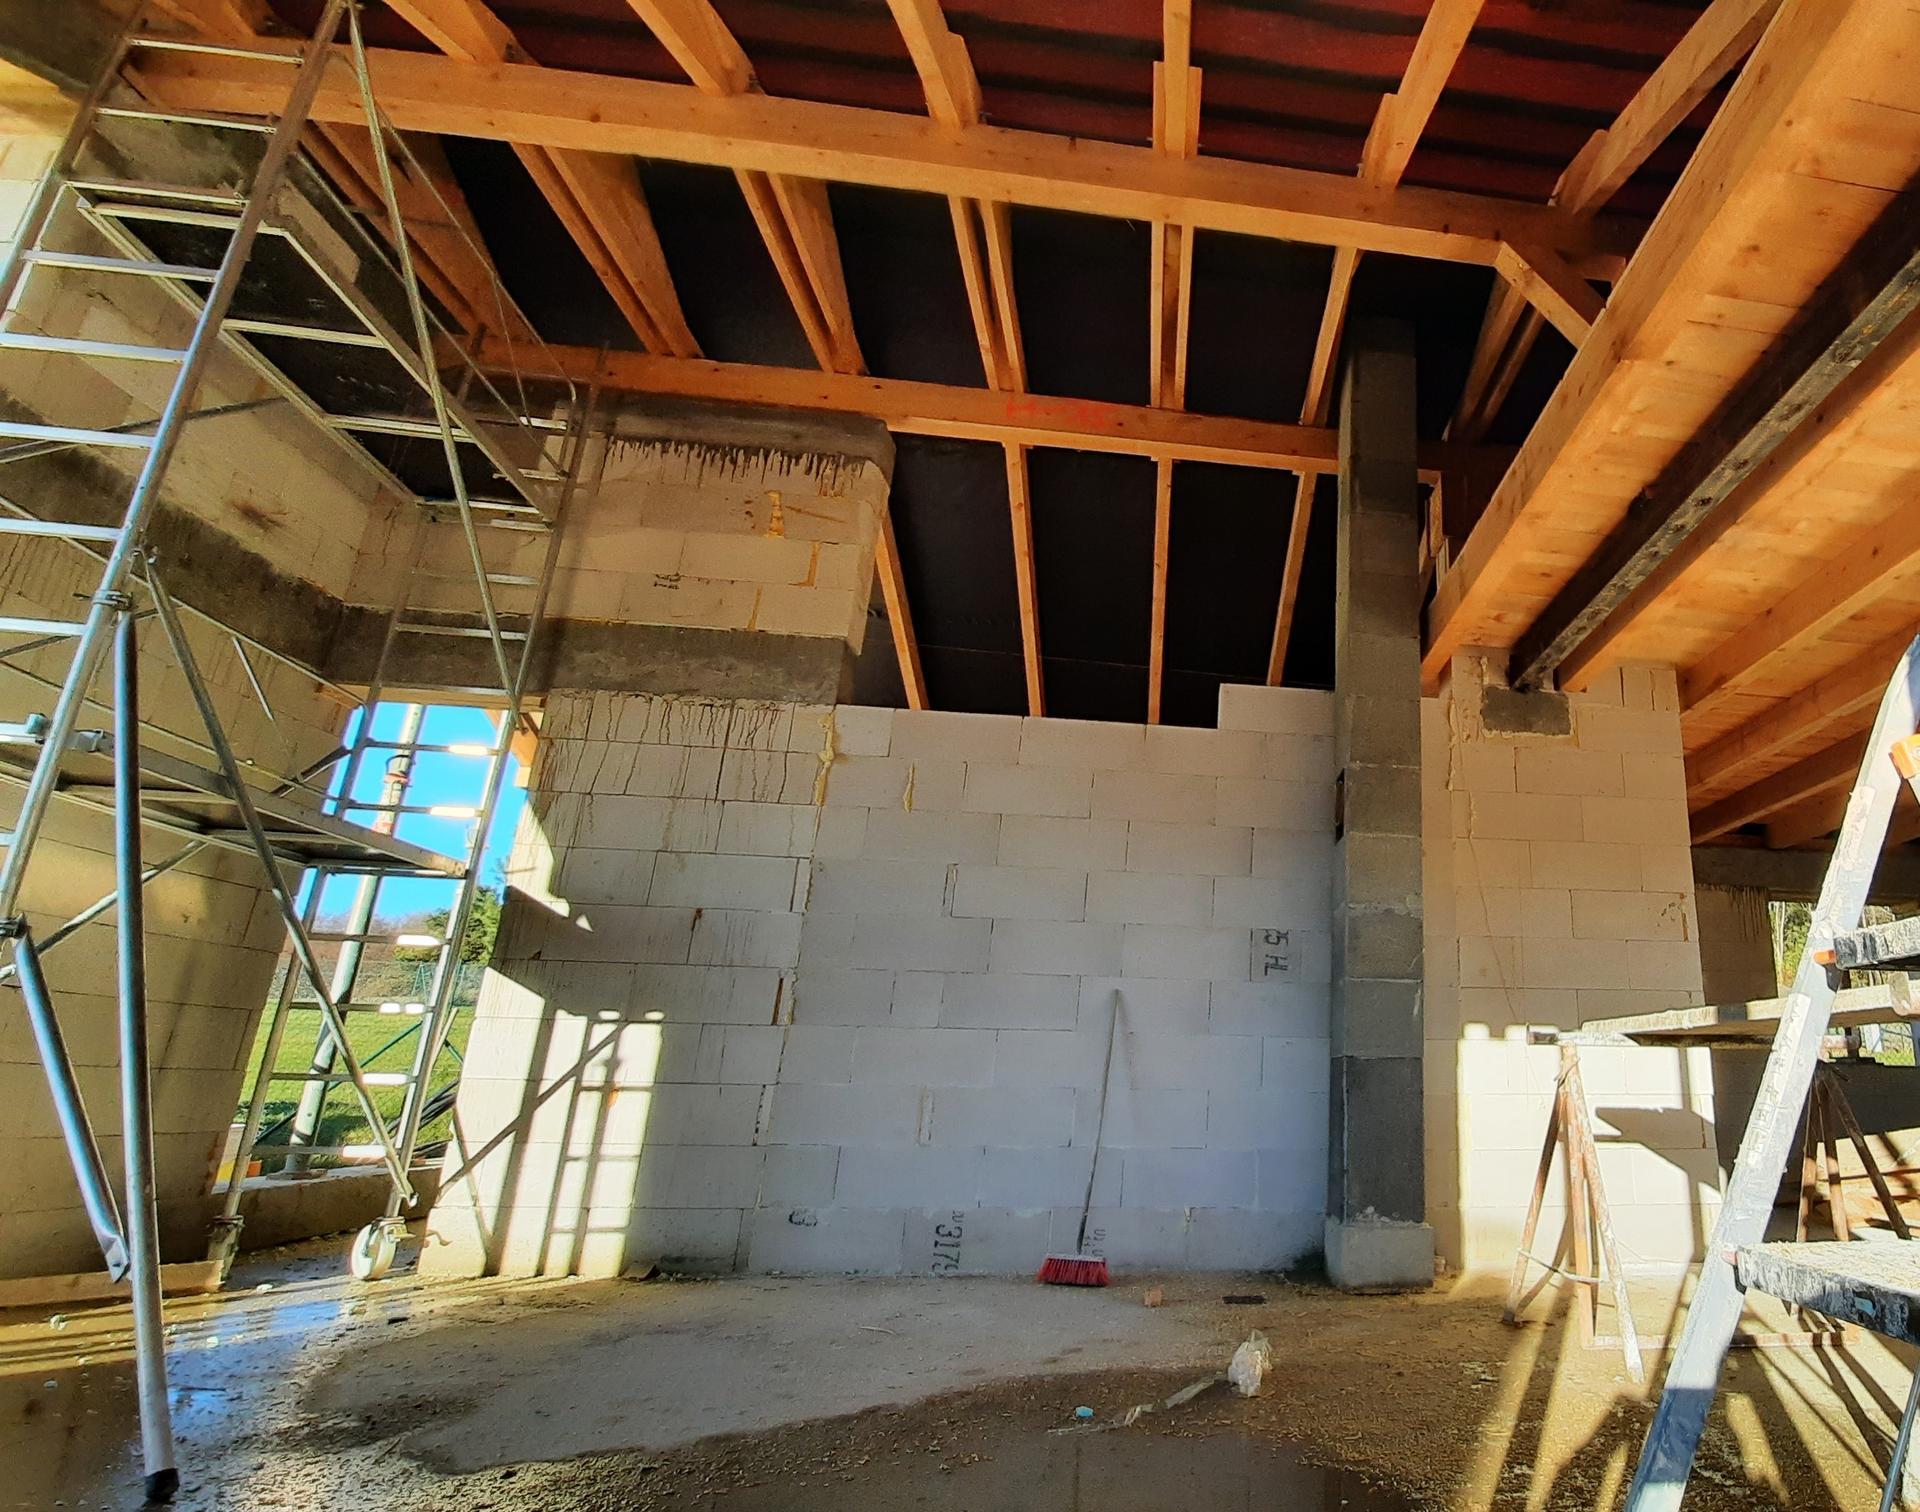 Bungalov 1871 - Detail - otvoreny strop, v obyvacke strecha uz je hotova - 21.11.2020